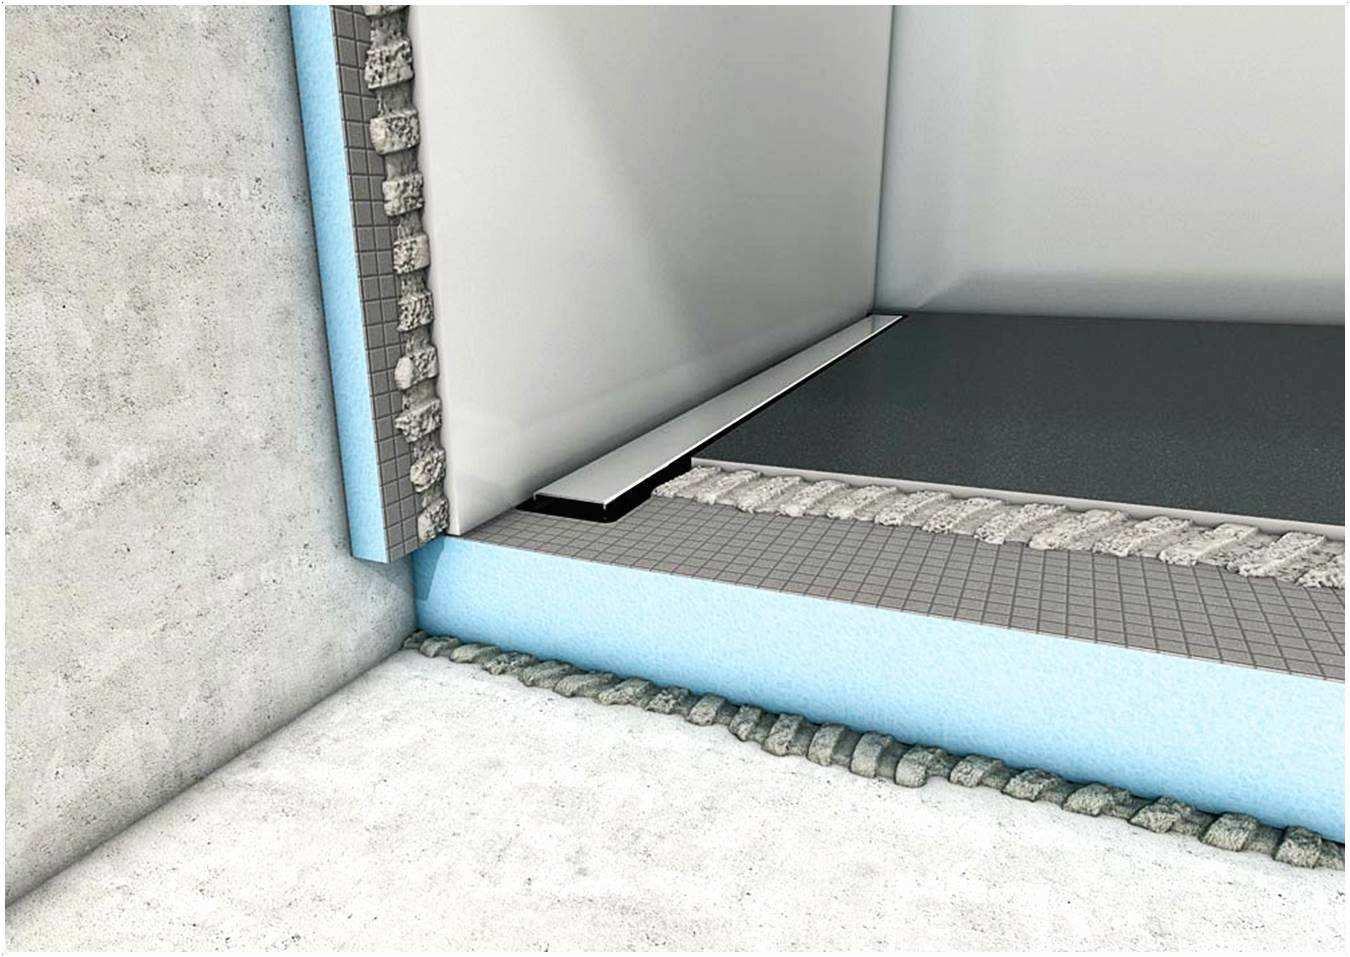 Dusche Abdichten  Bodengleiche Dusche Abdichten Interieur